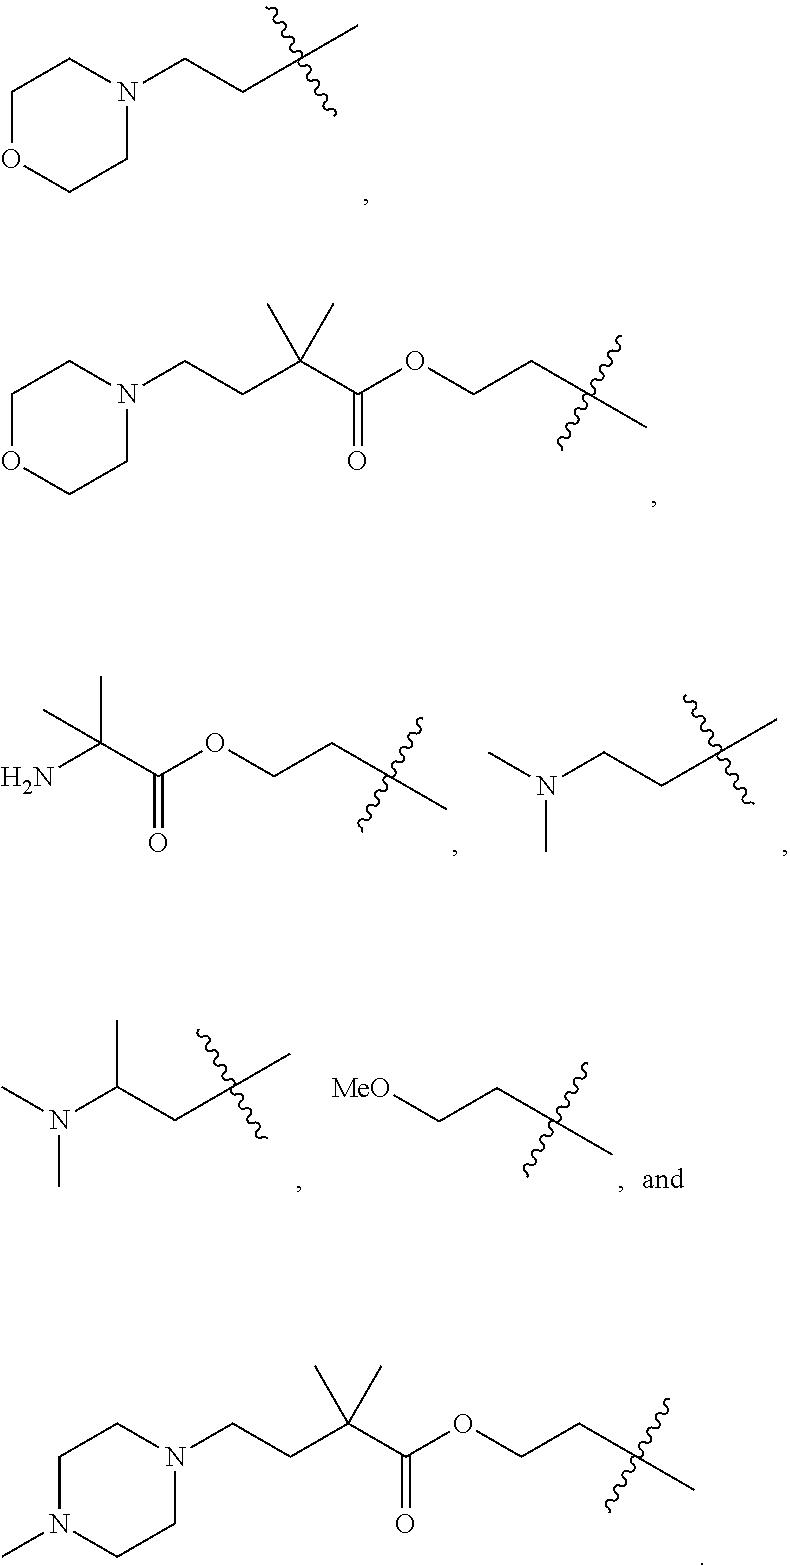 Figure US09982257-20180529-C00095